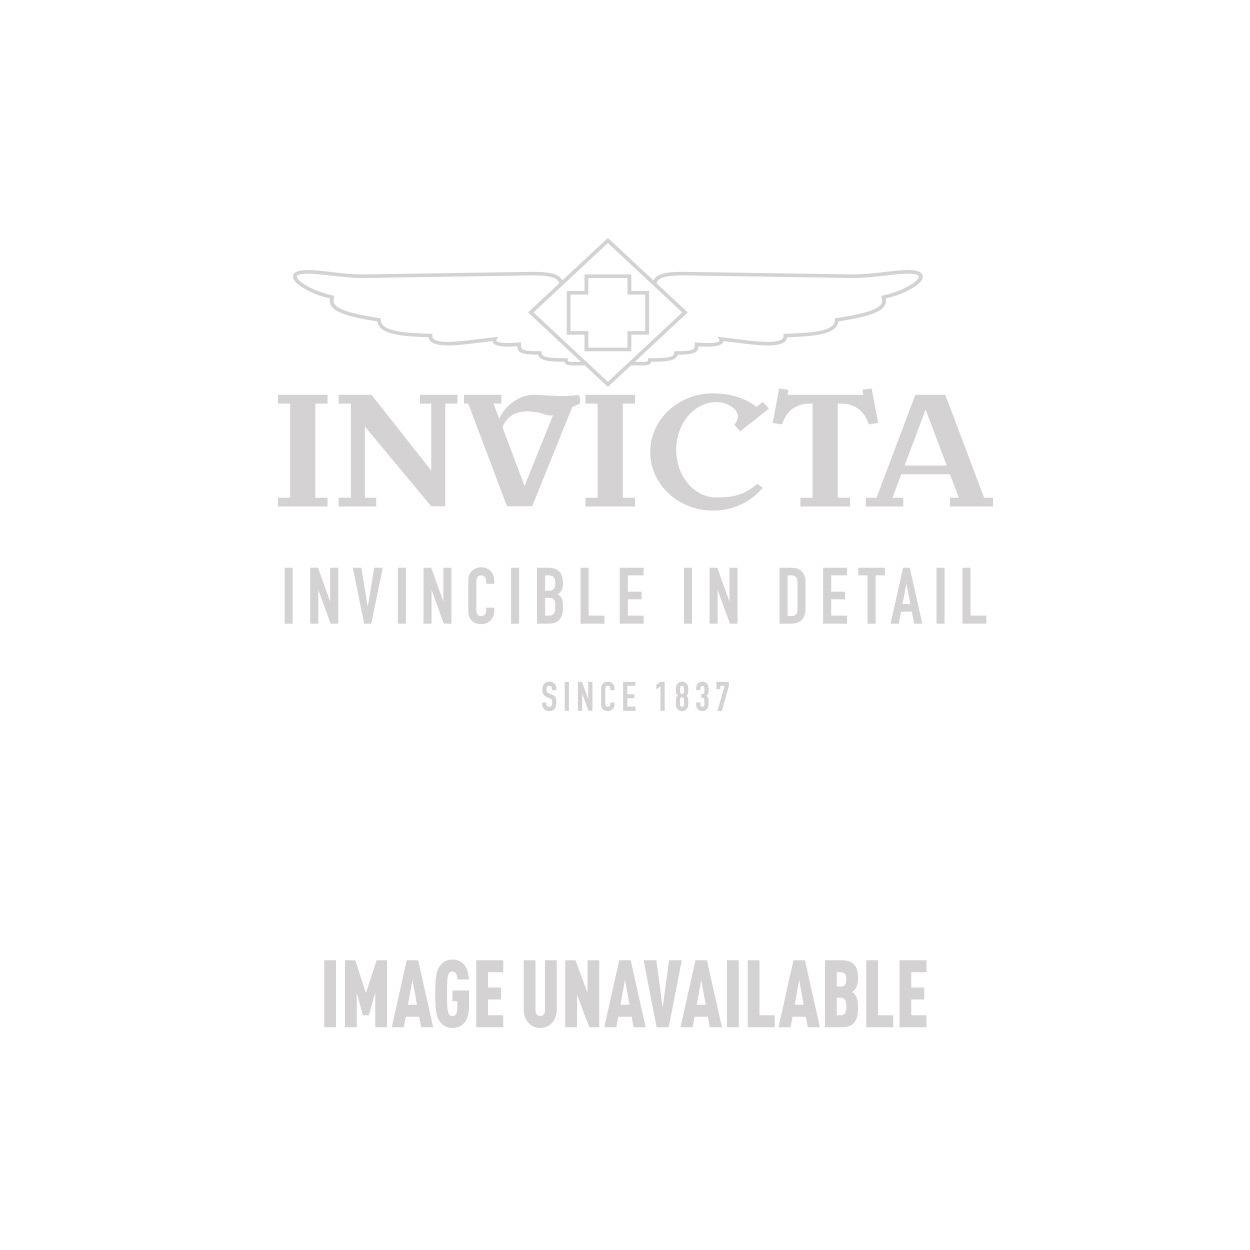 Invicta Model 28142